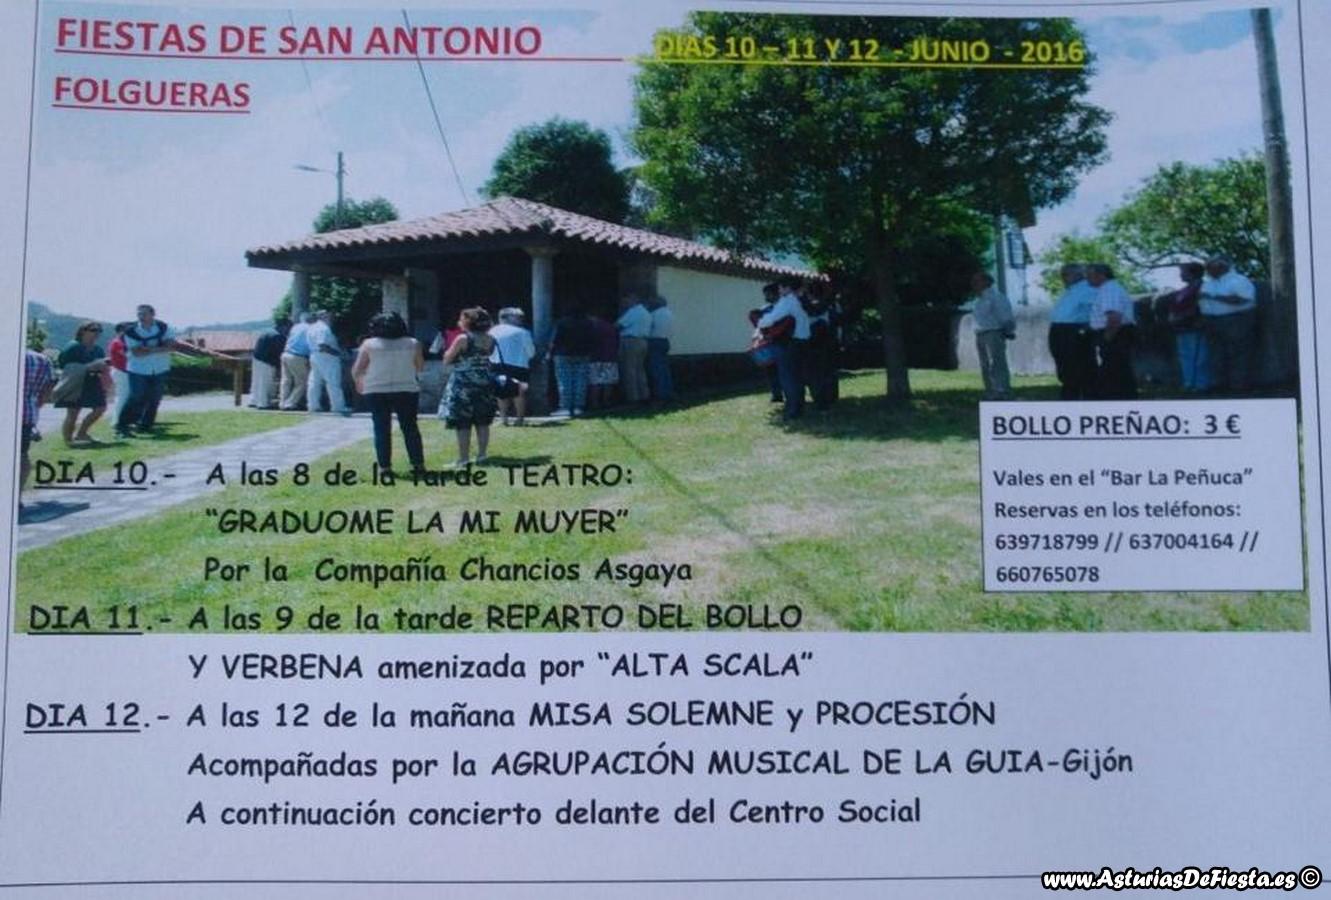 san antonio folgueras pravia 2016 (Copiar)